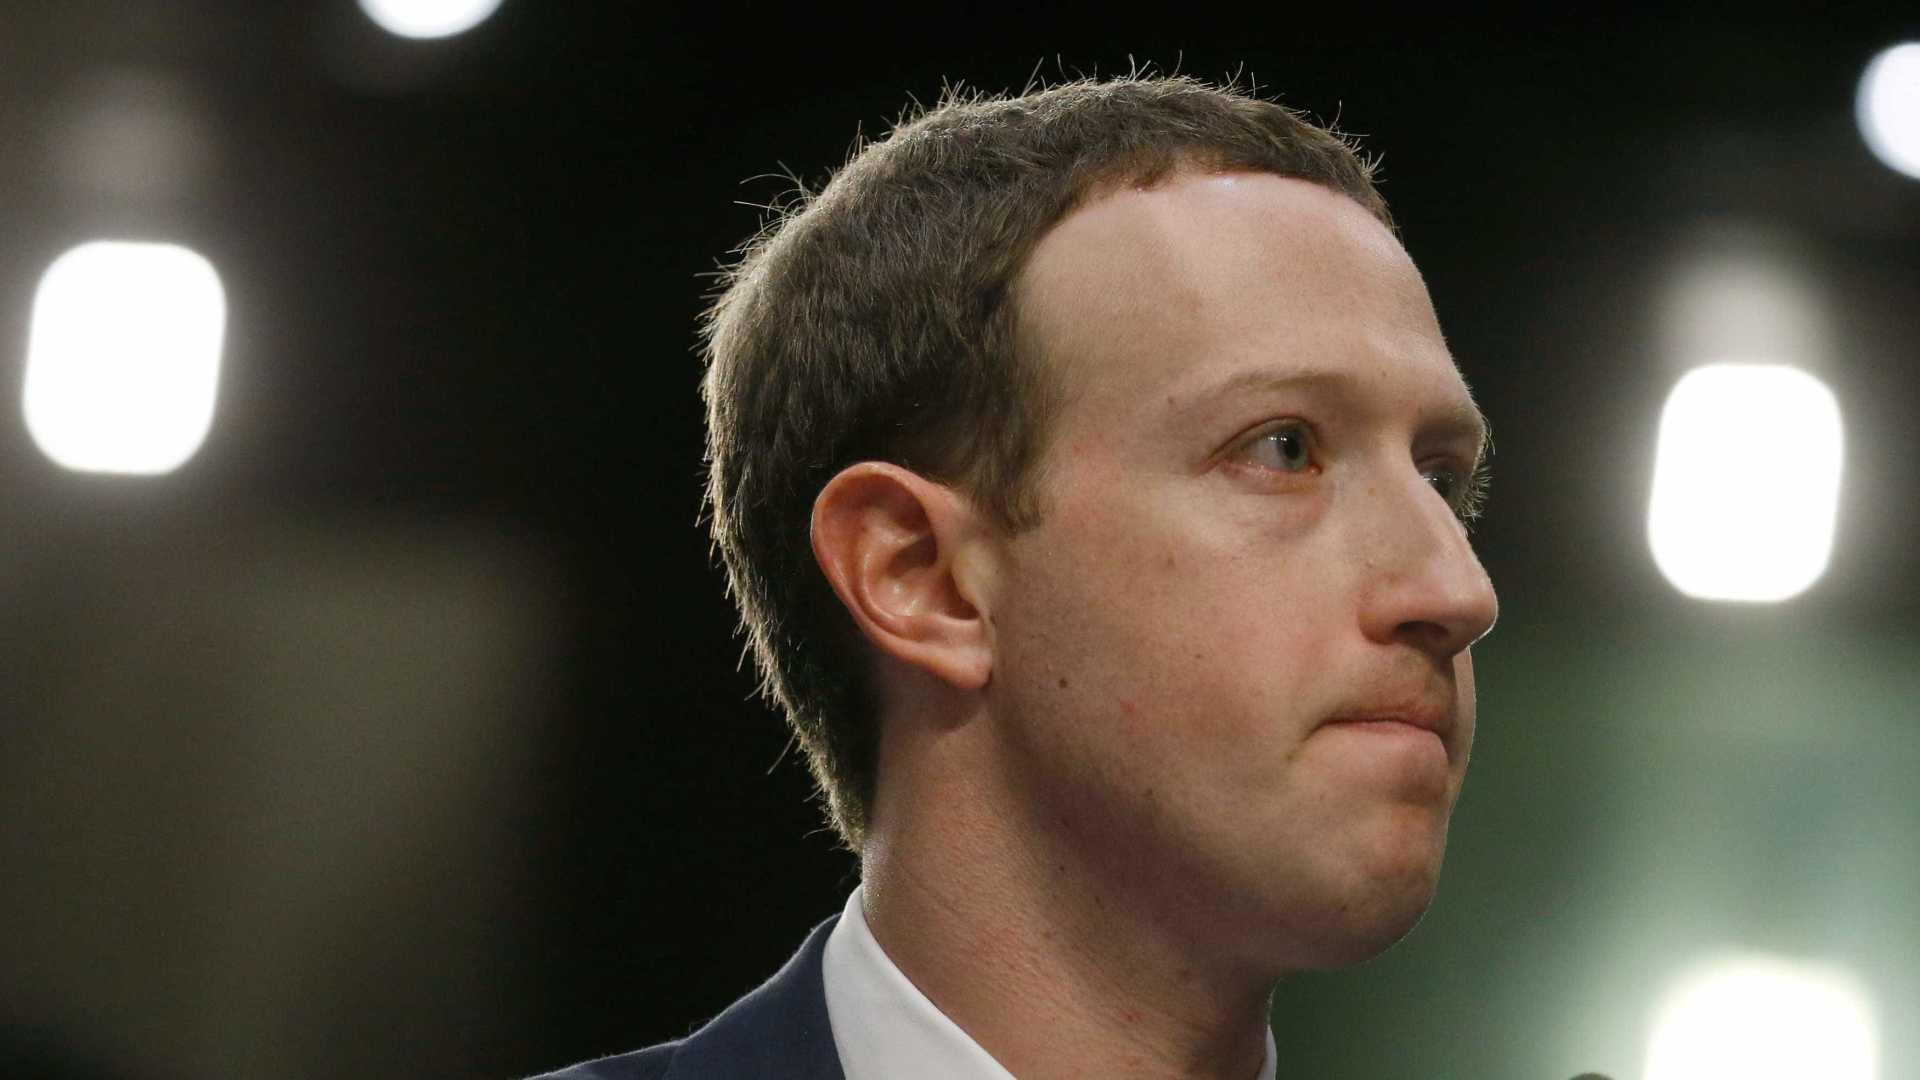 naom 5b906dd486d44 - Facebook: 1 bilhão de perfis falsos foram removidos por desinformação